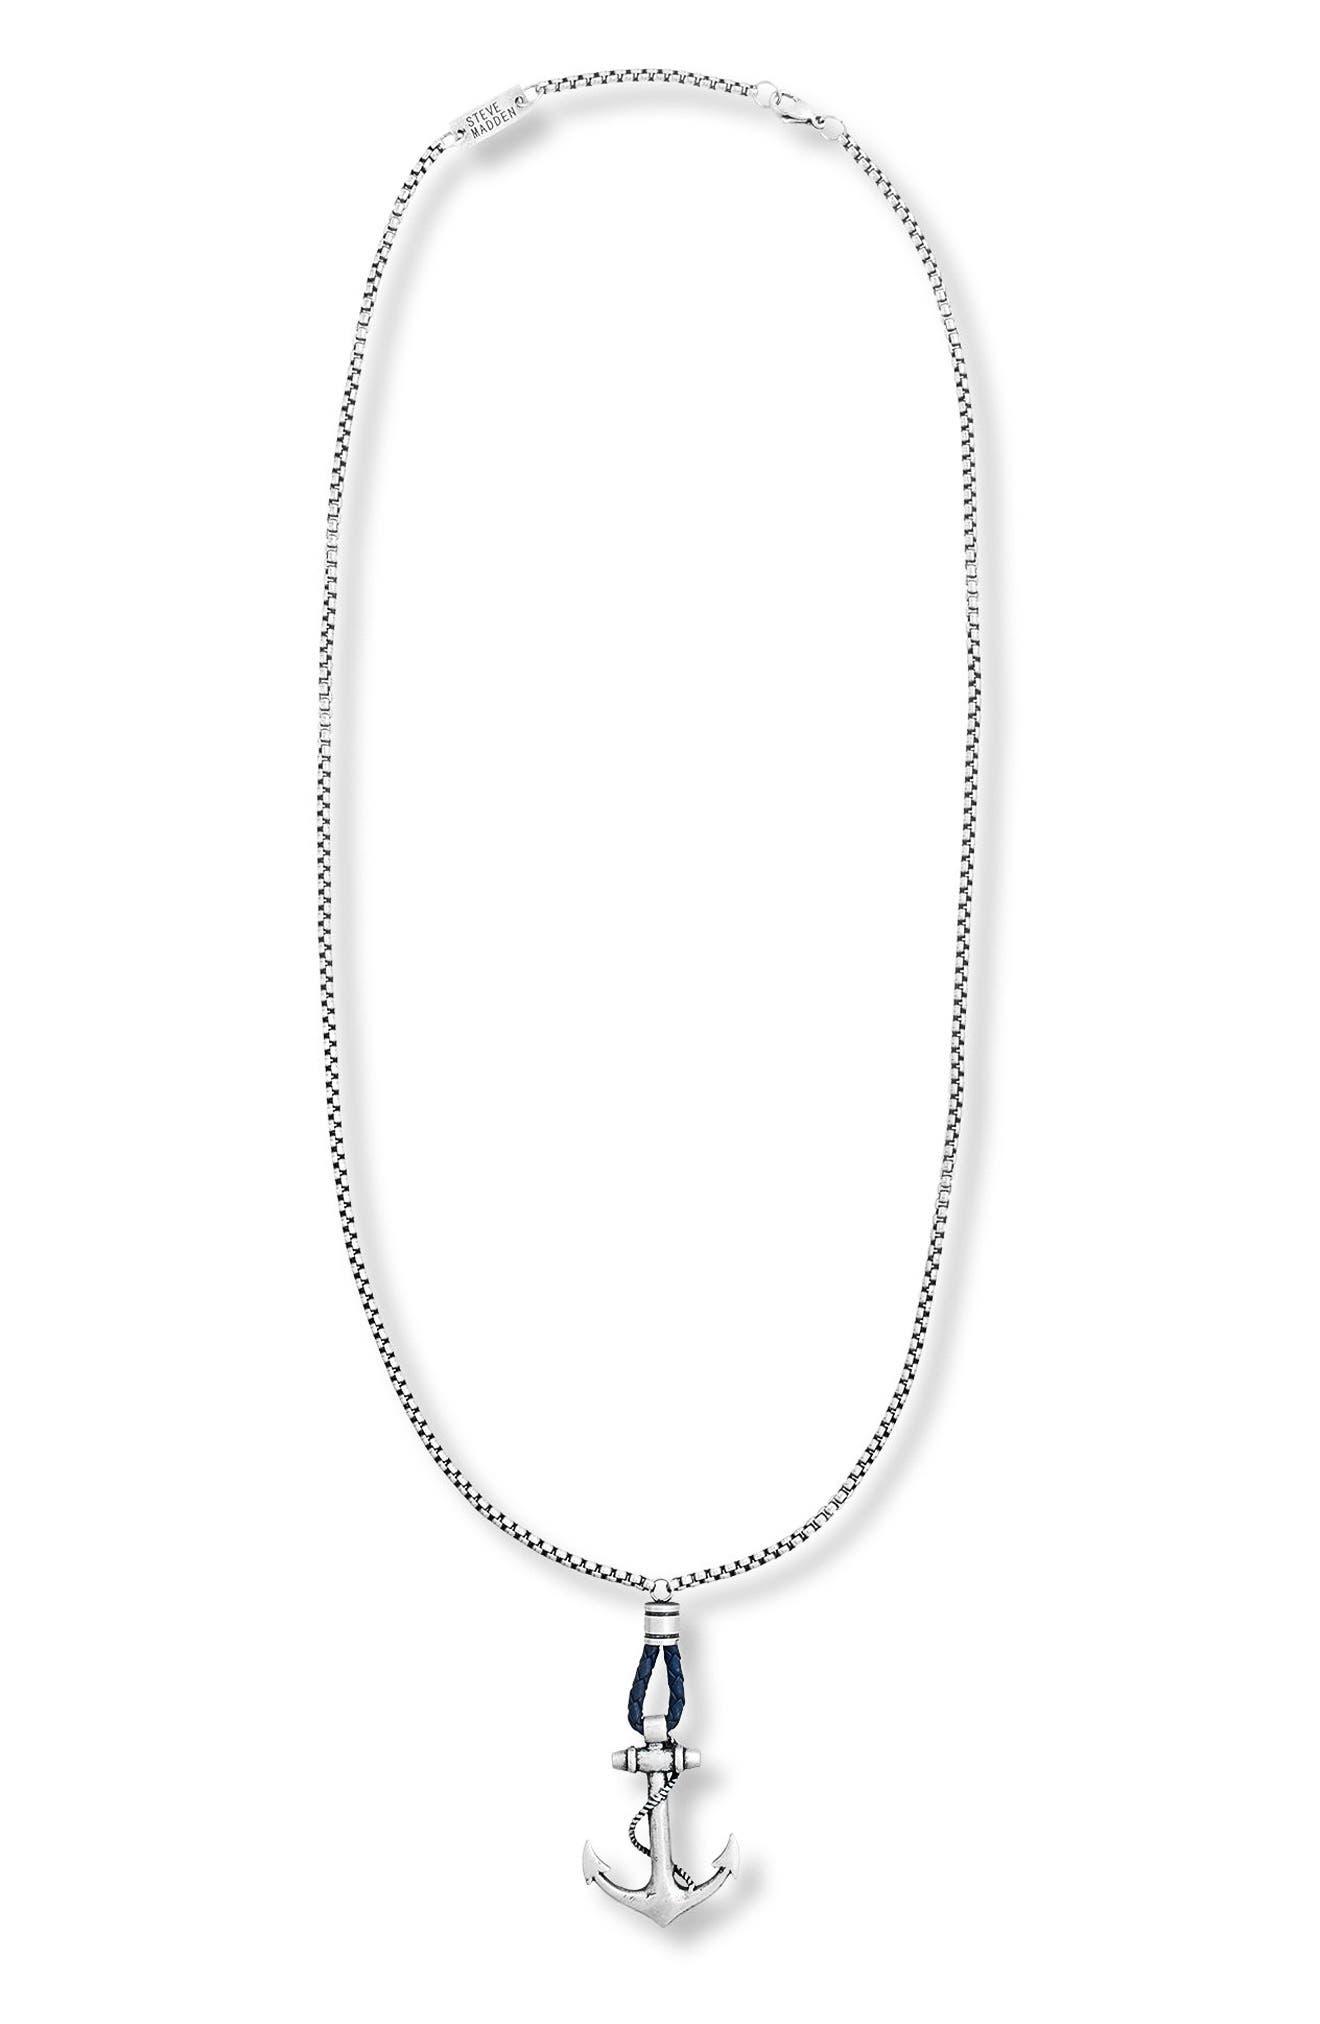 Oxidized Anchor Pendant Necklace,                             Main thumbnail 1, color,                             Blue